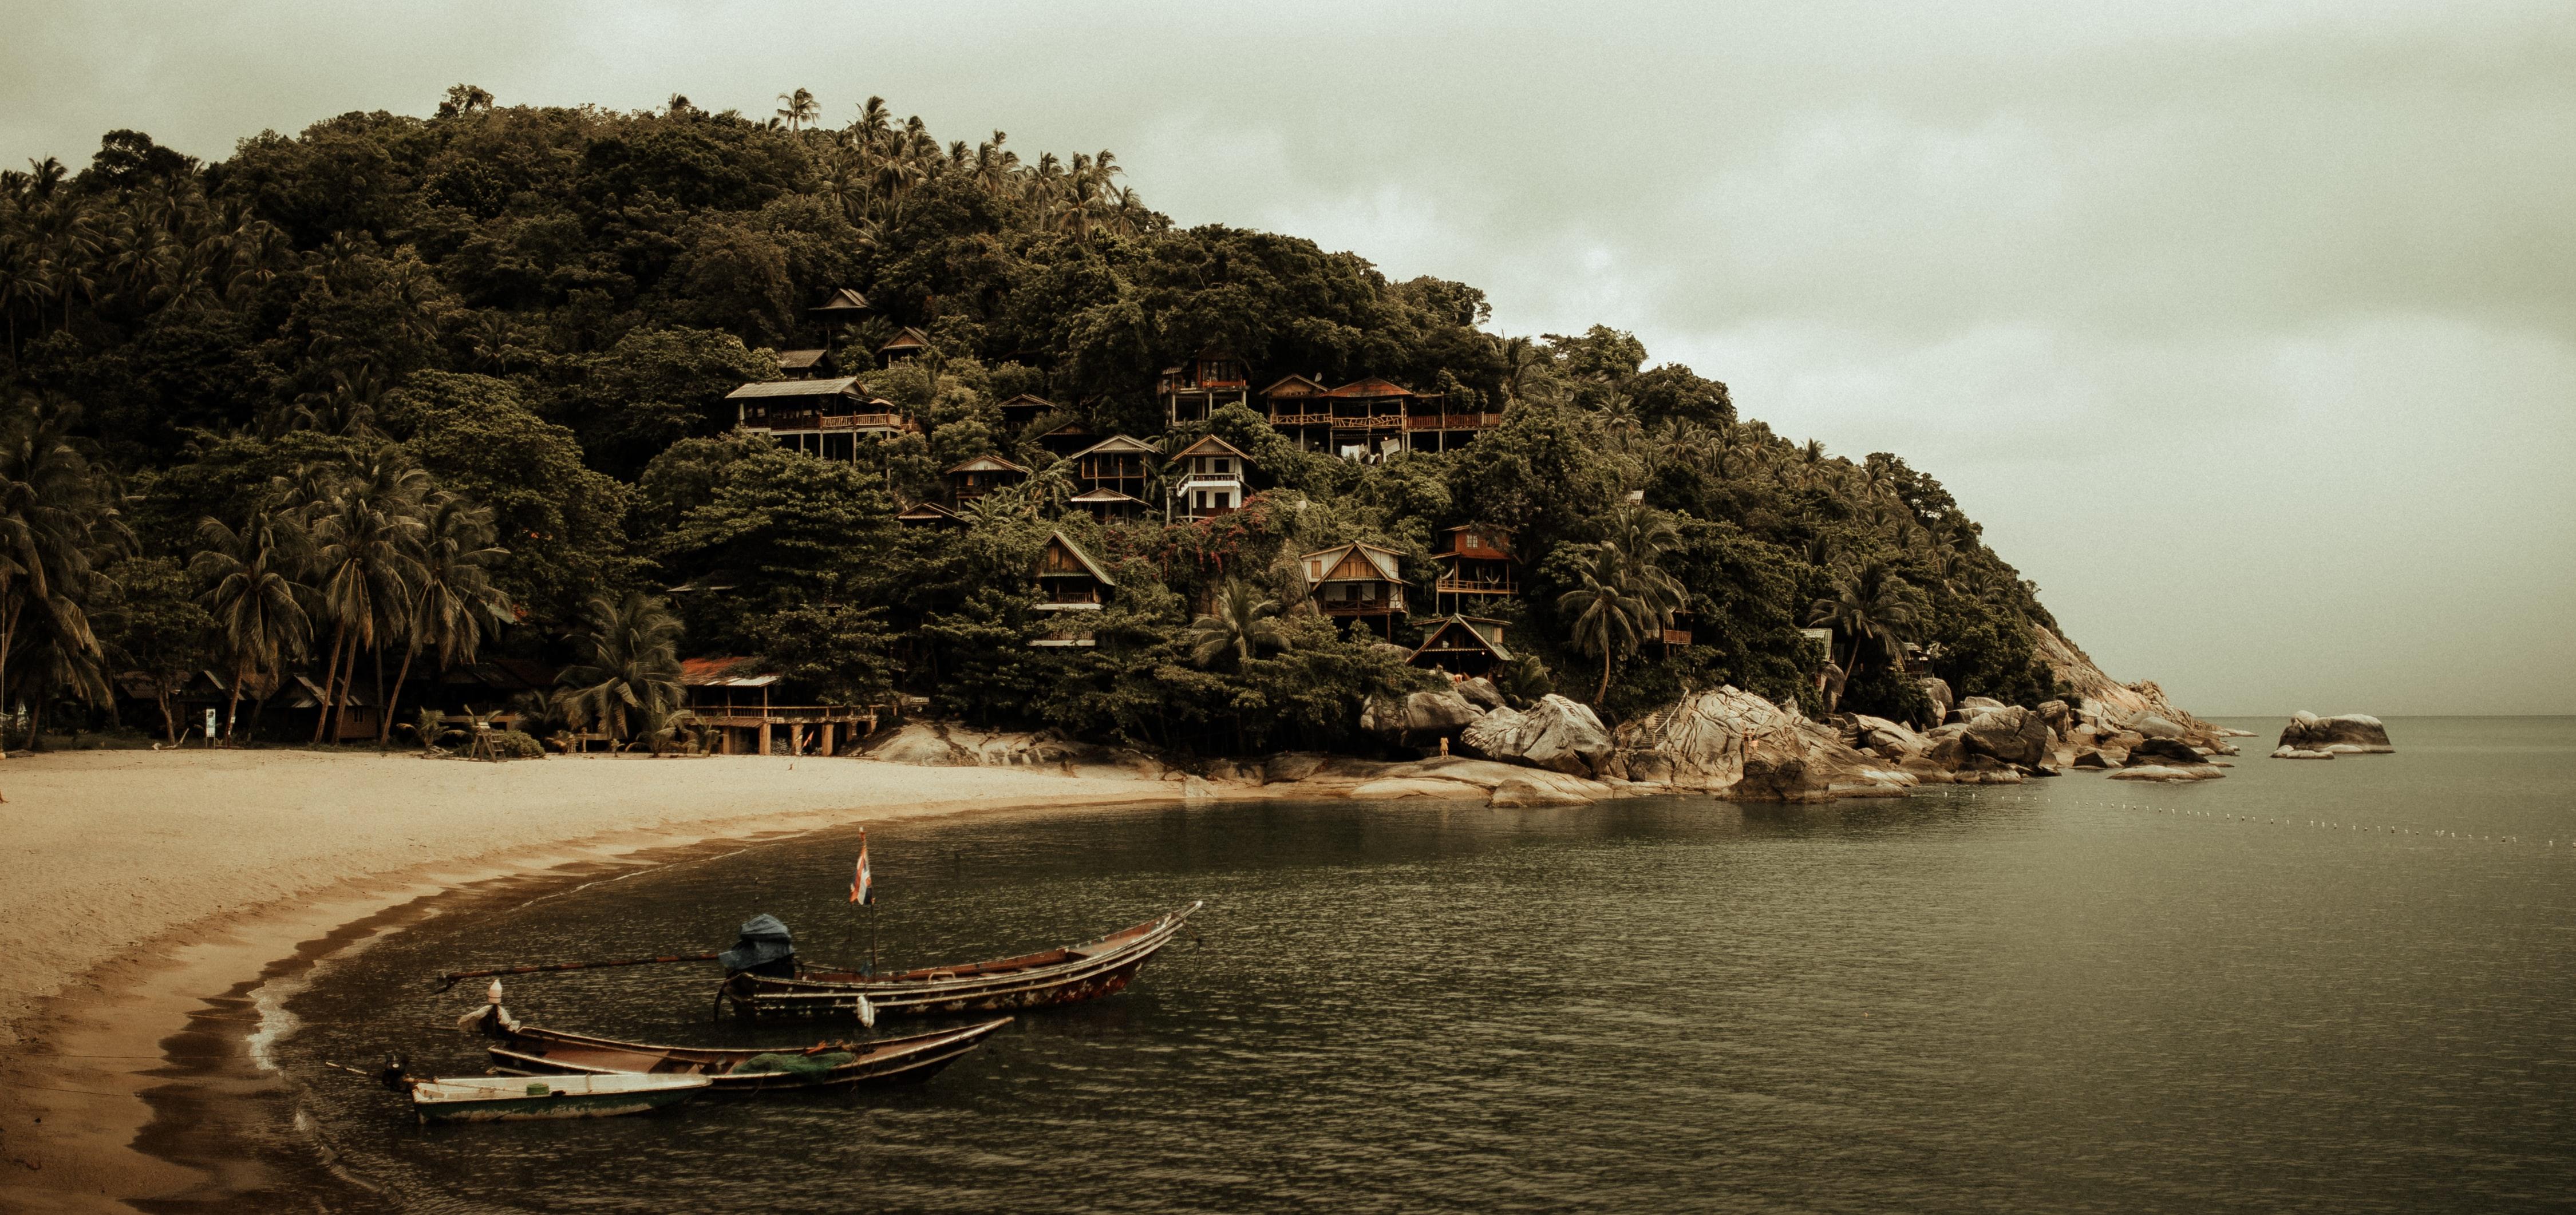 Thailand Boat Beach 4500x2123